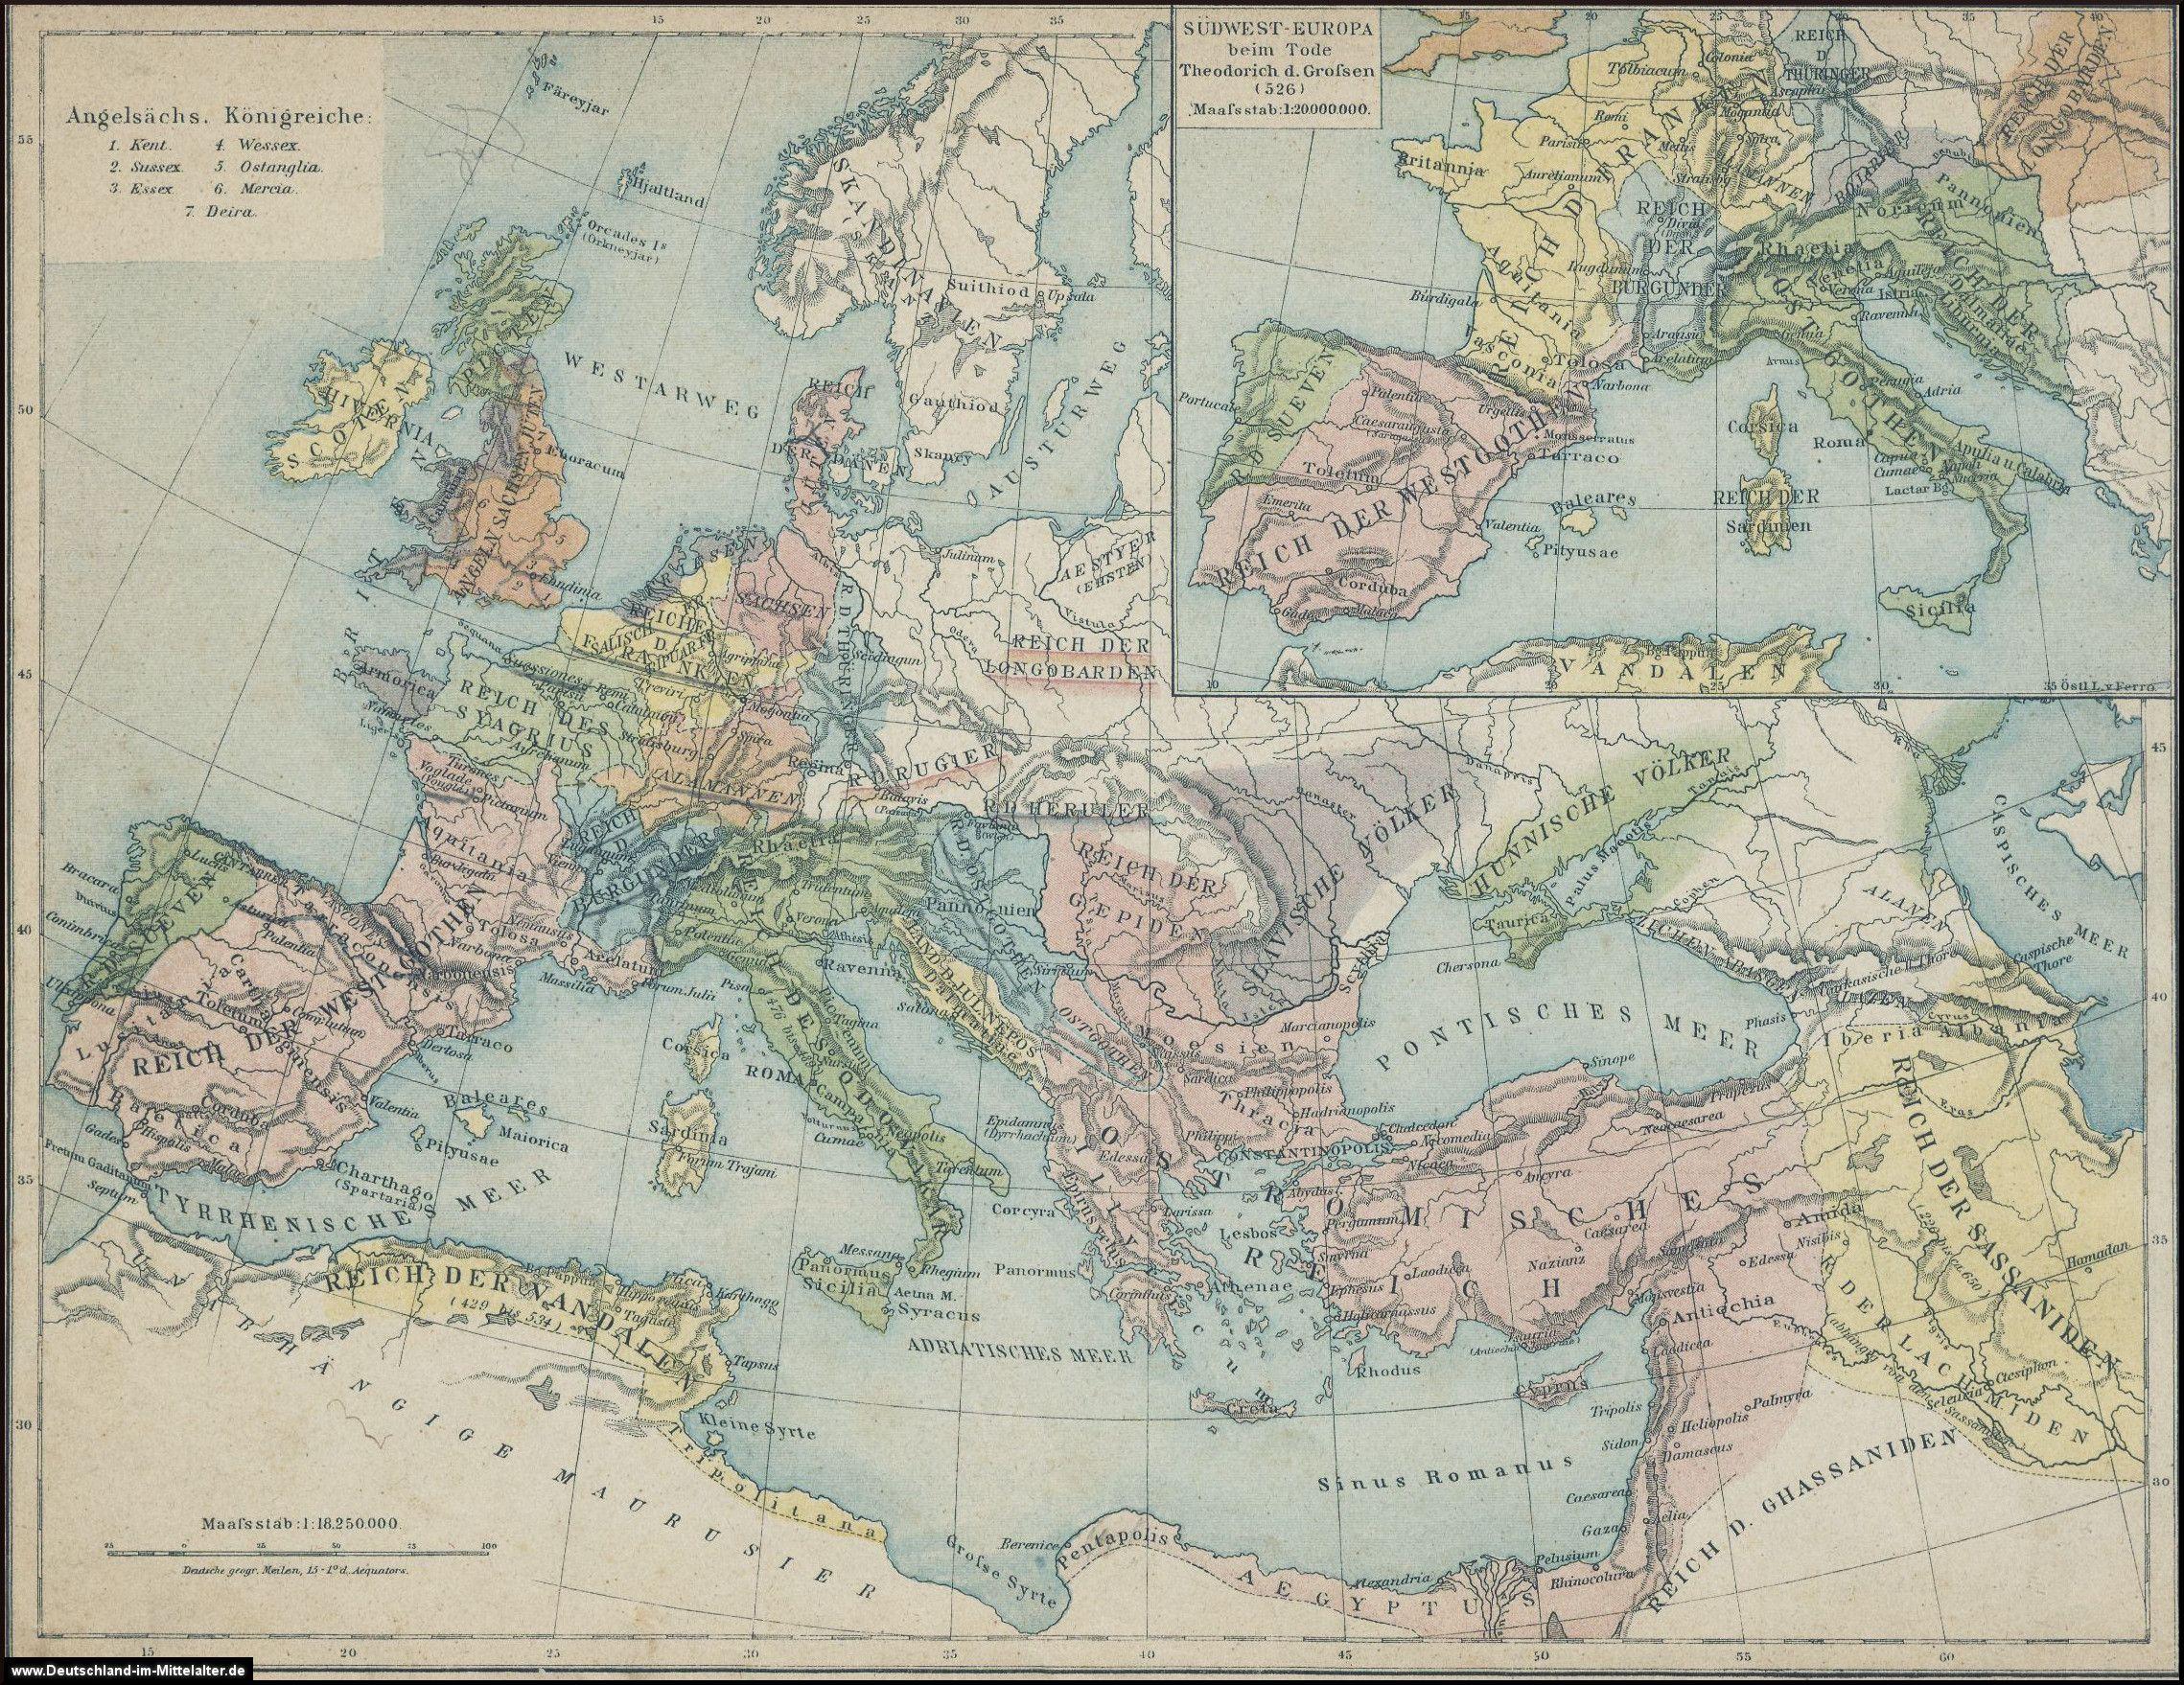 Landkarten Zur Volkerwanderung Volkerwanderung Landkarte Wanderung